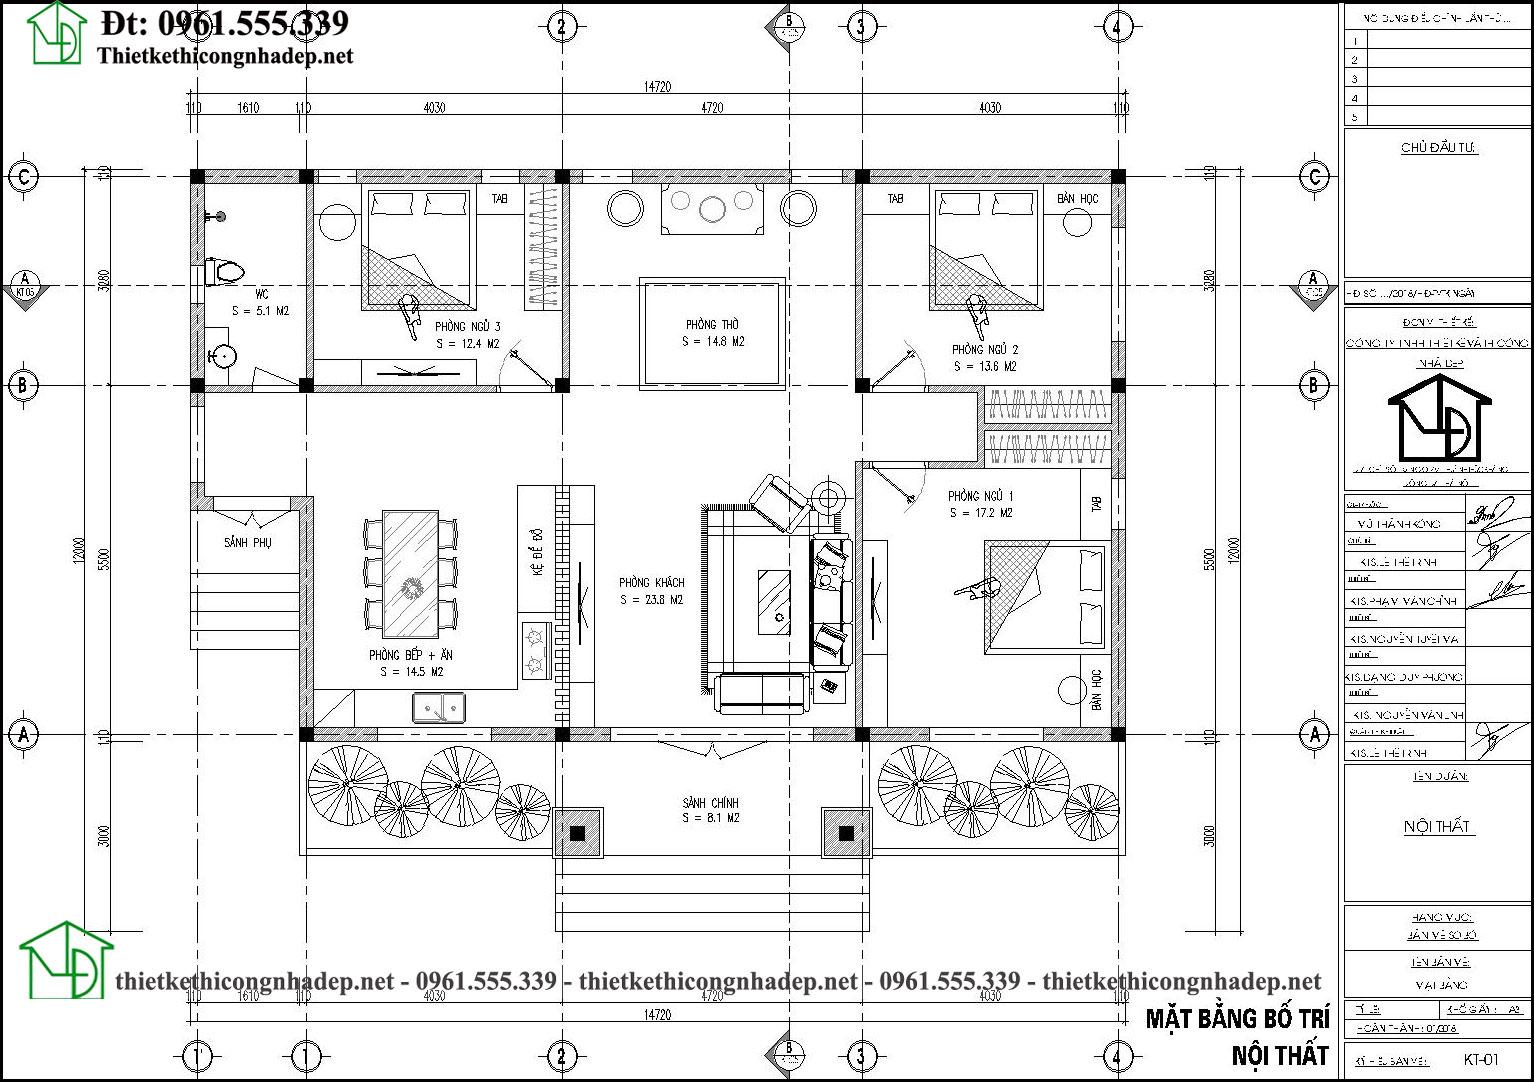 Mặt bằng bố trí nội thất nhà cấp 4 mái nhật 15x9m có 3 phòng ngủ Nc478